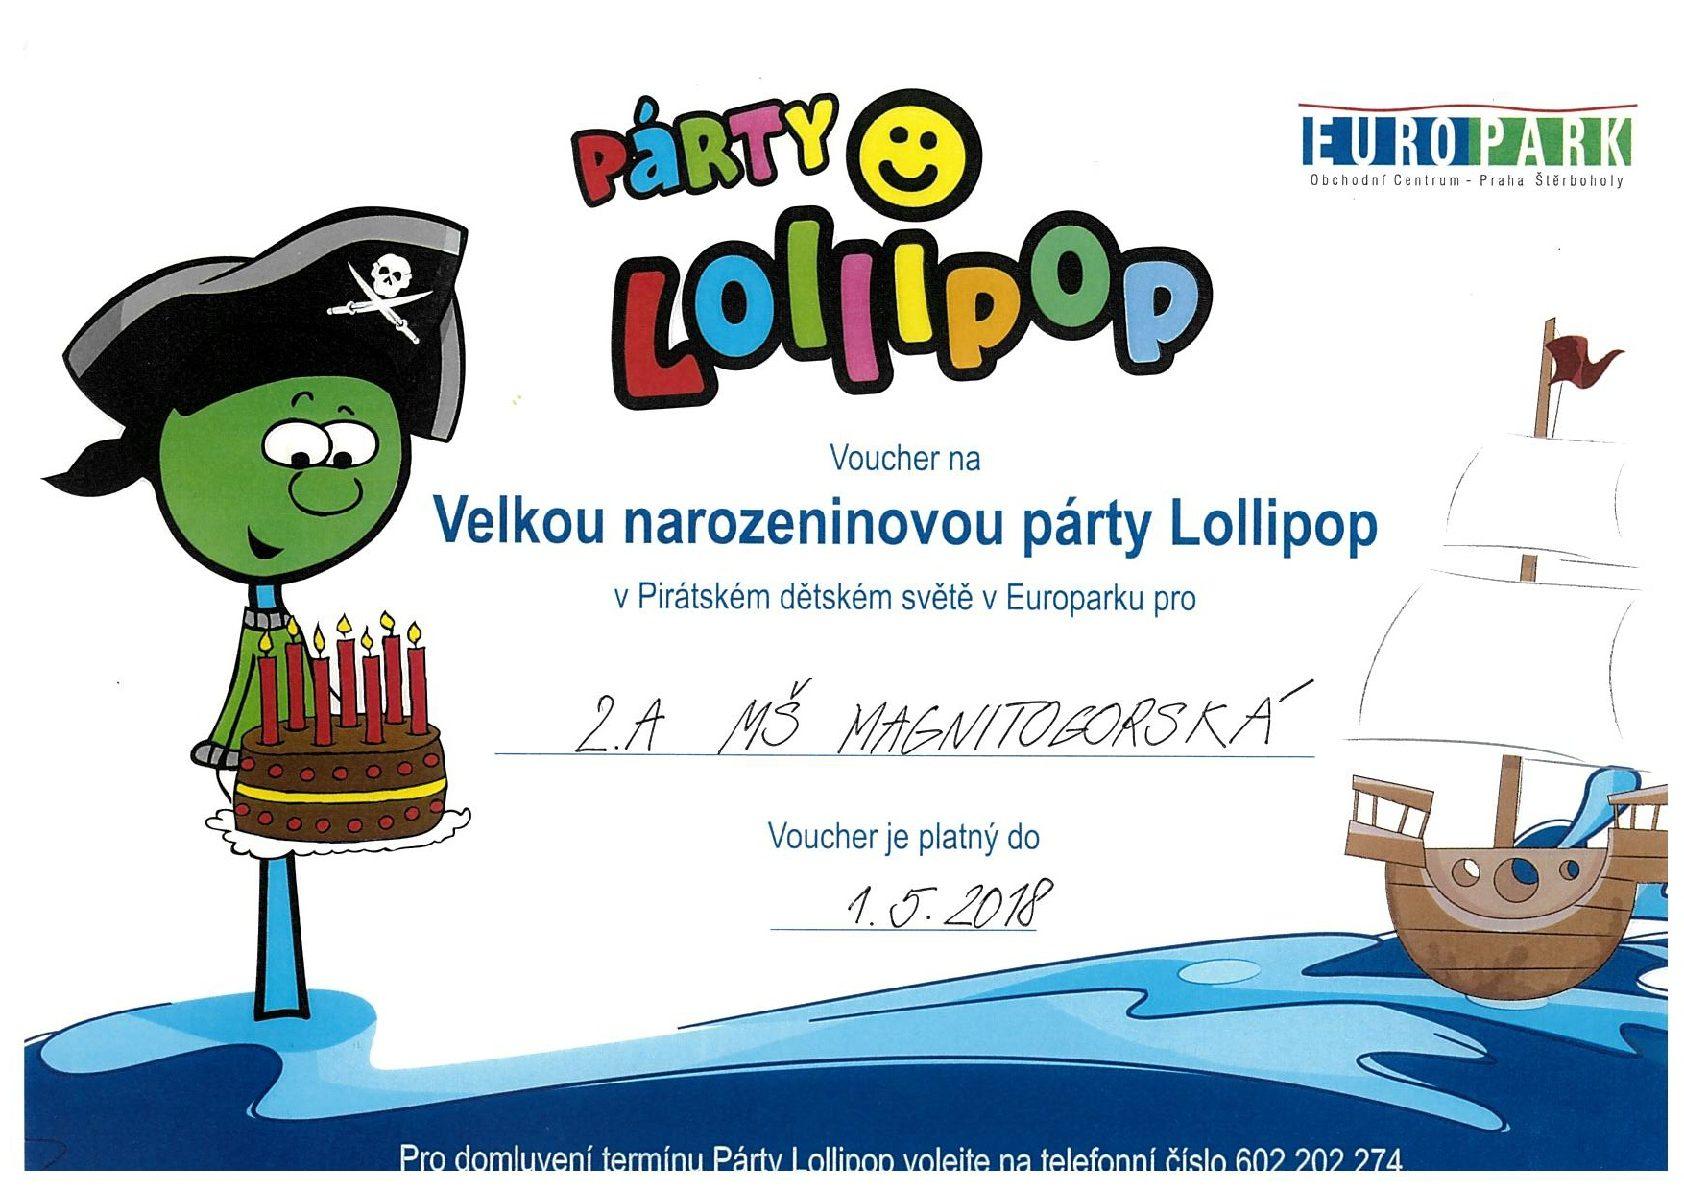 Voucher na Velkou narozeninovou párty Lollipop pro třídu 2A